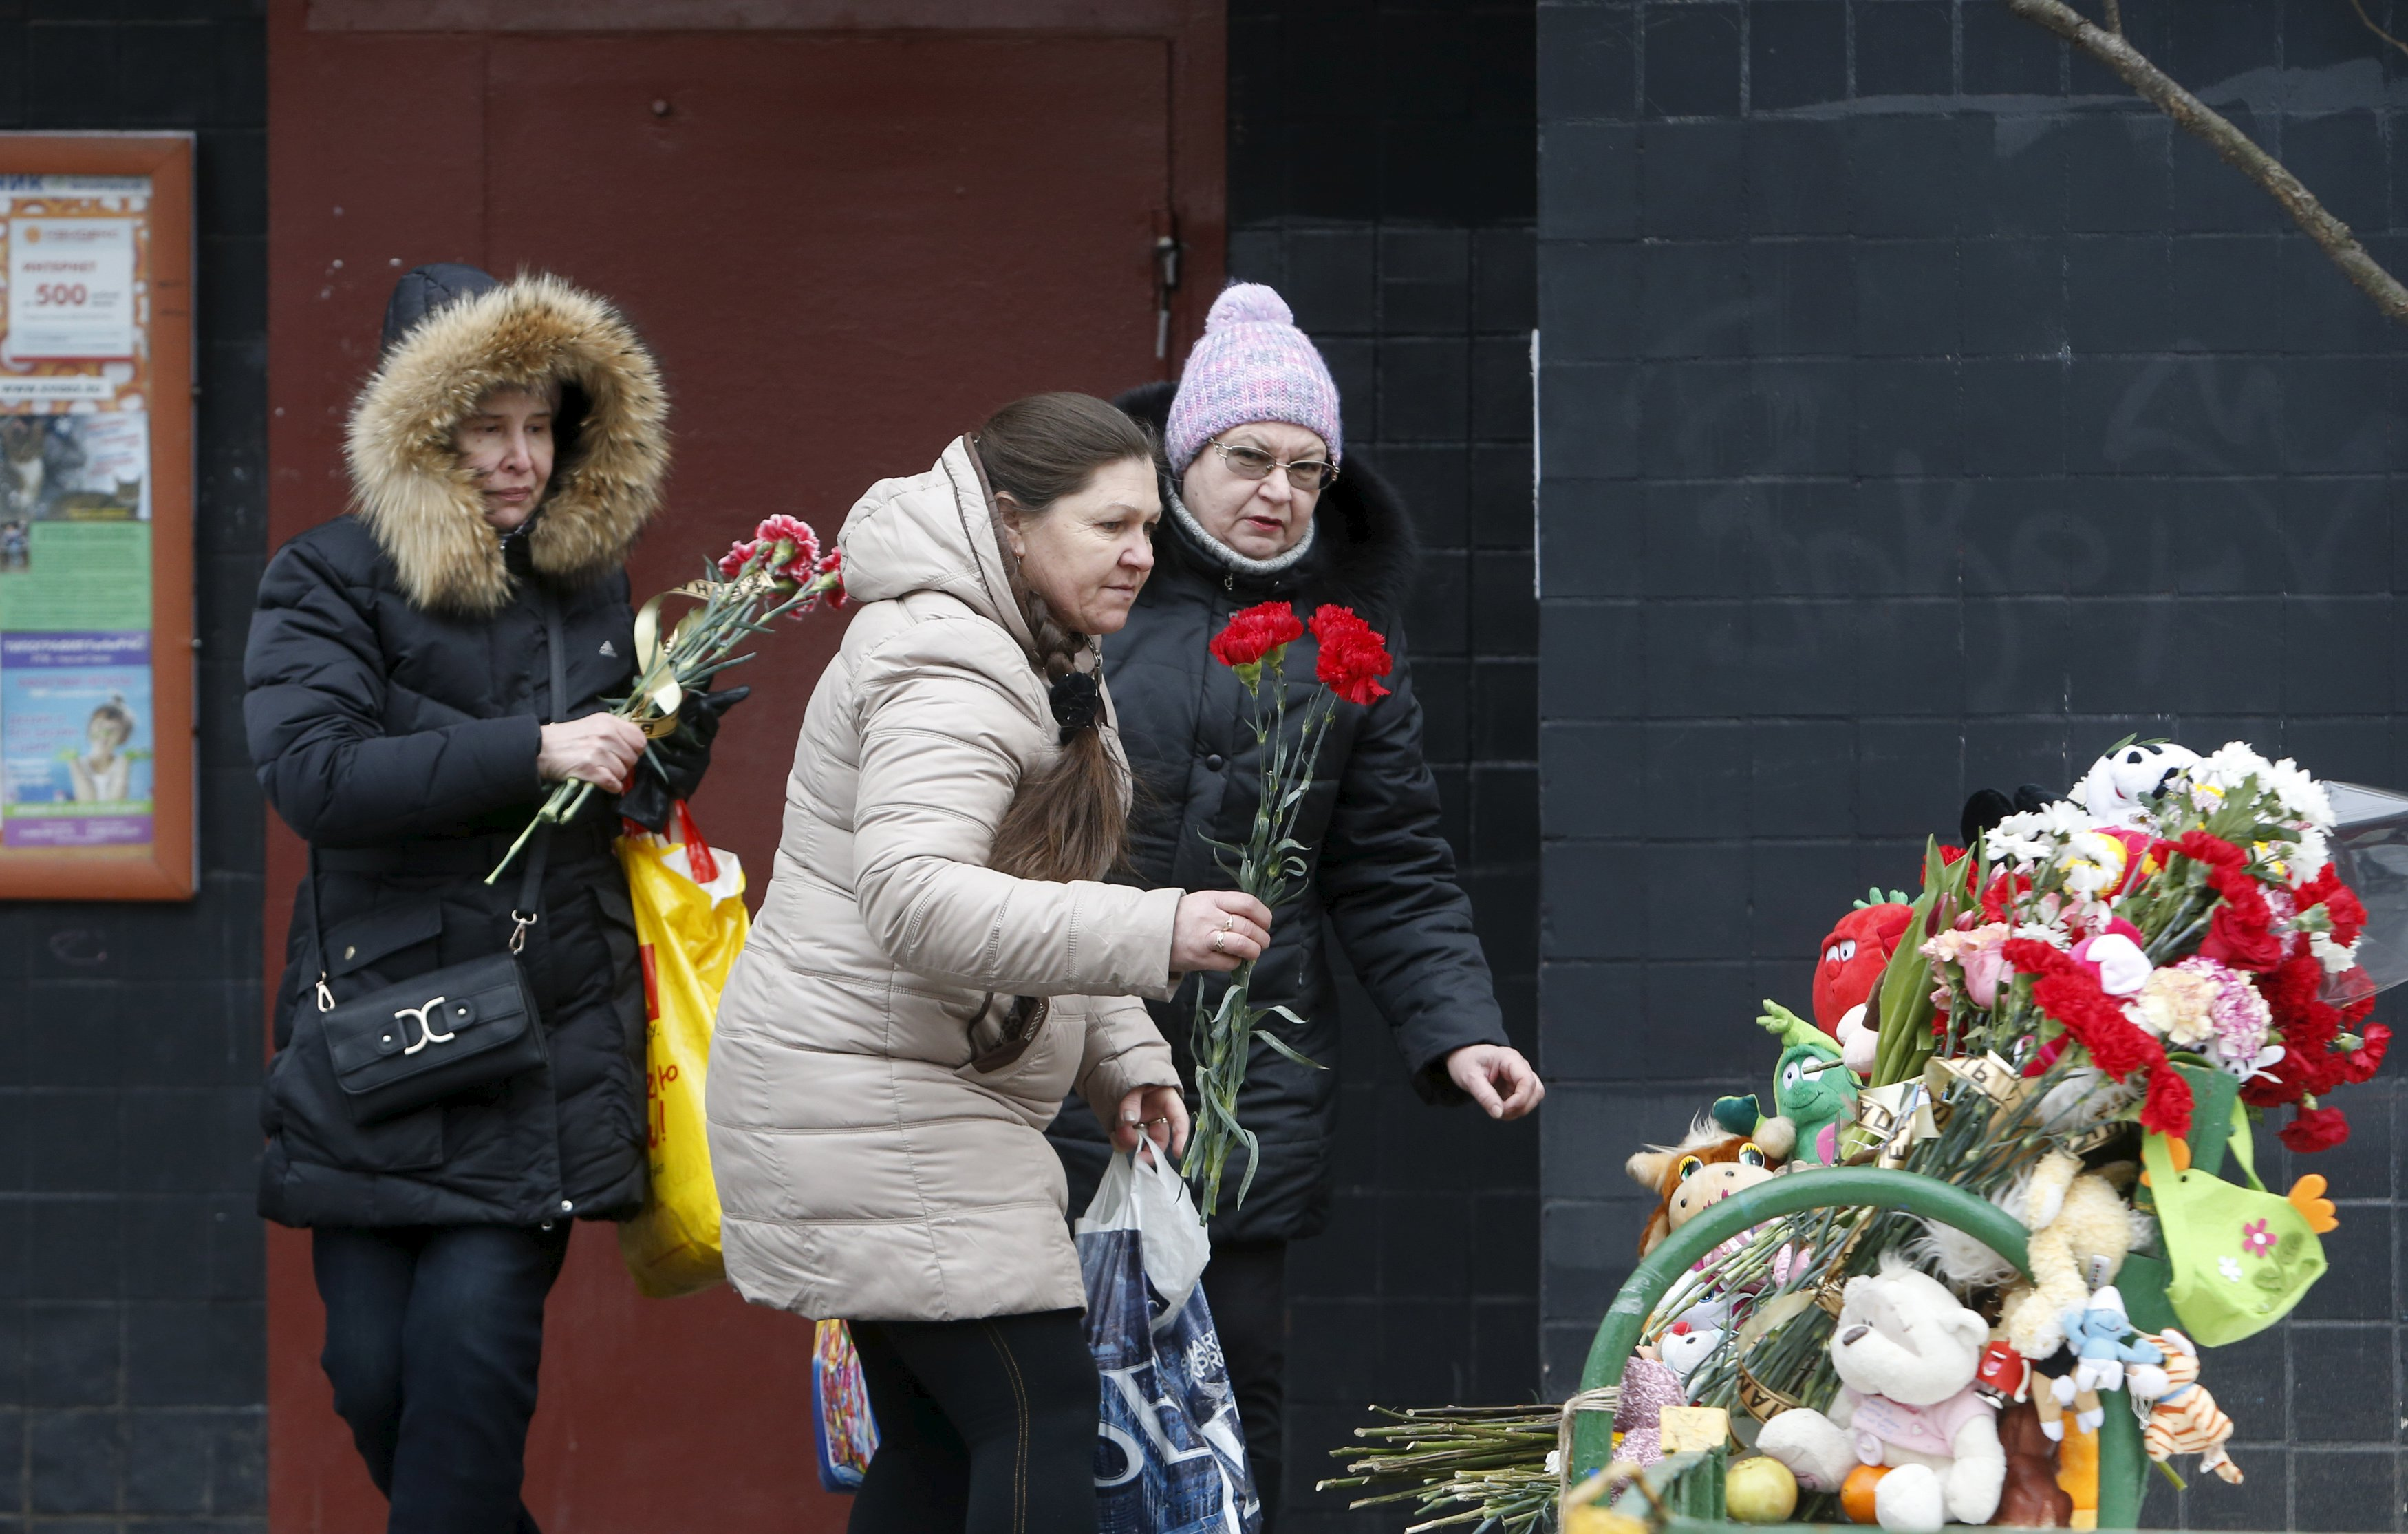 Mosca, fiori e messaggi per il bambino decapitato